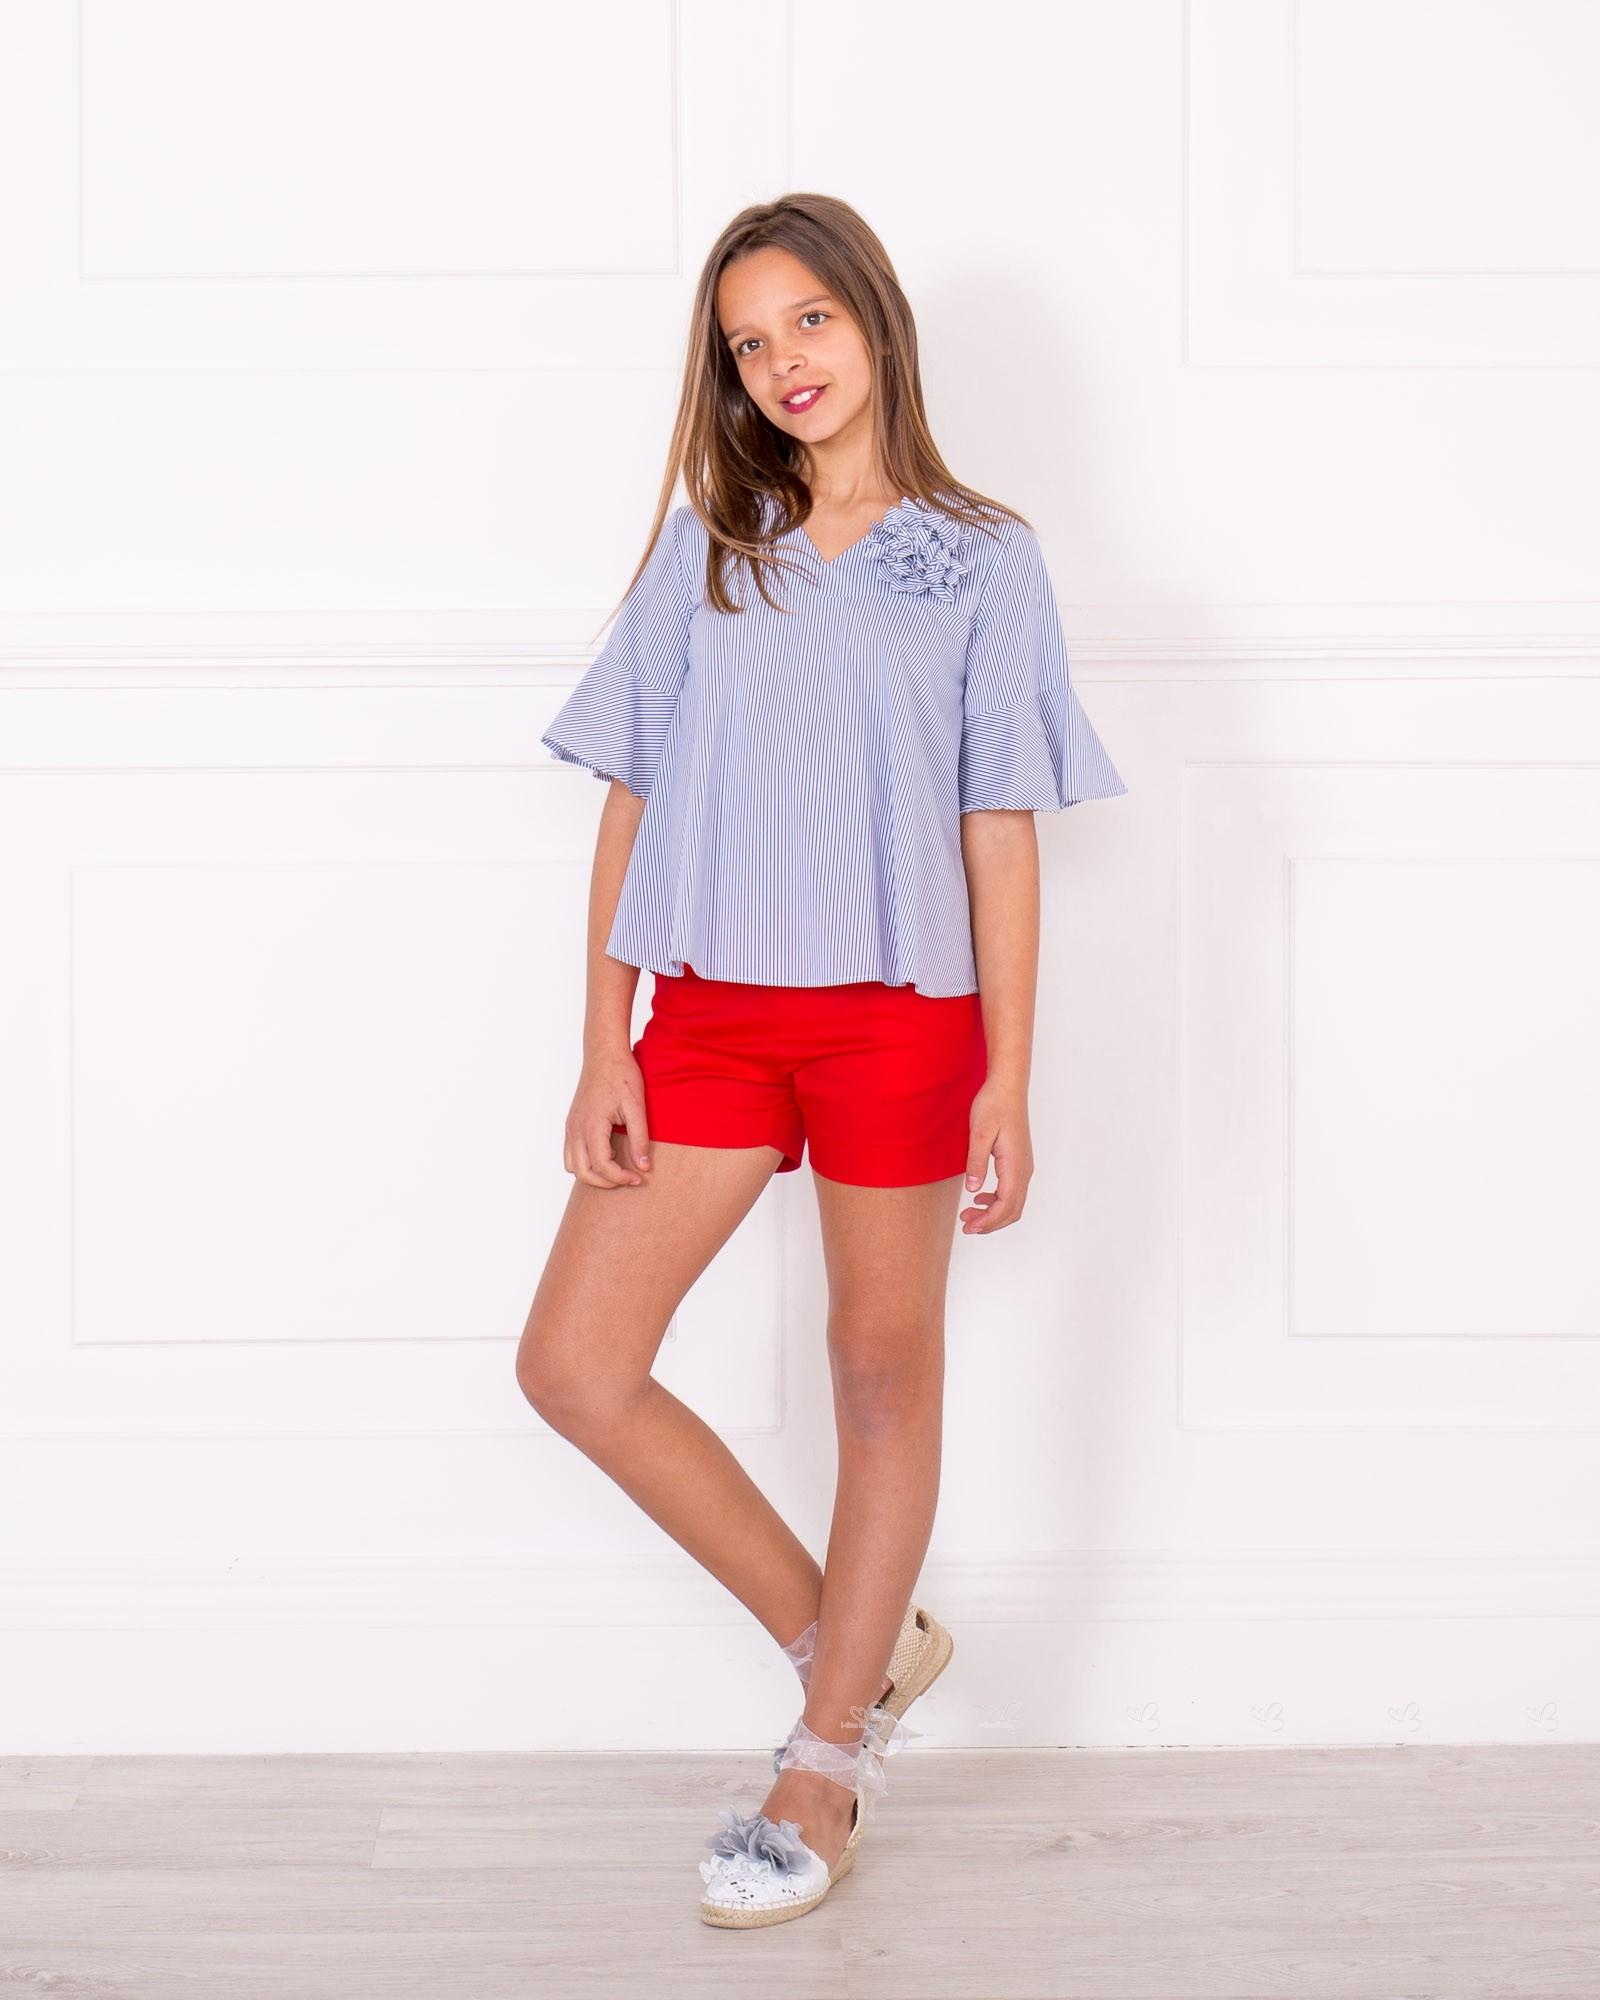 Outfit Blusa Rayas Azul U0026 Blanco Con Broche Flor U0026 Short Algodu00f3n Rojo | Missbaby